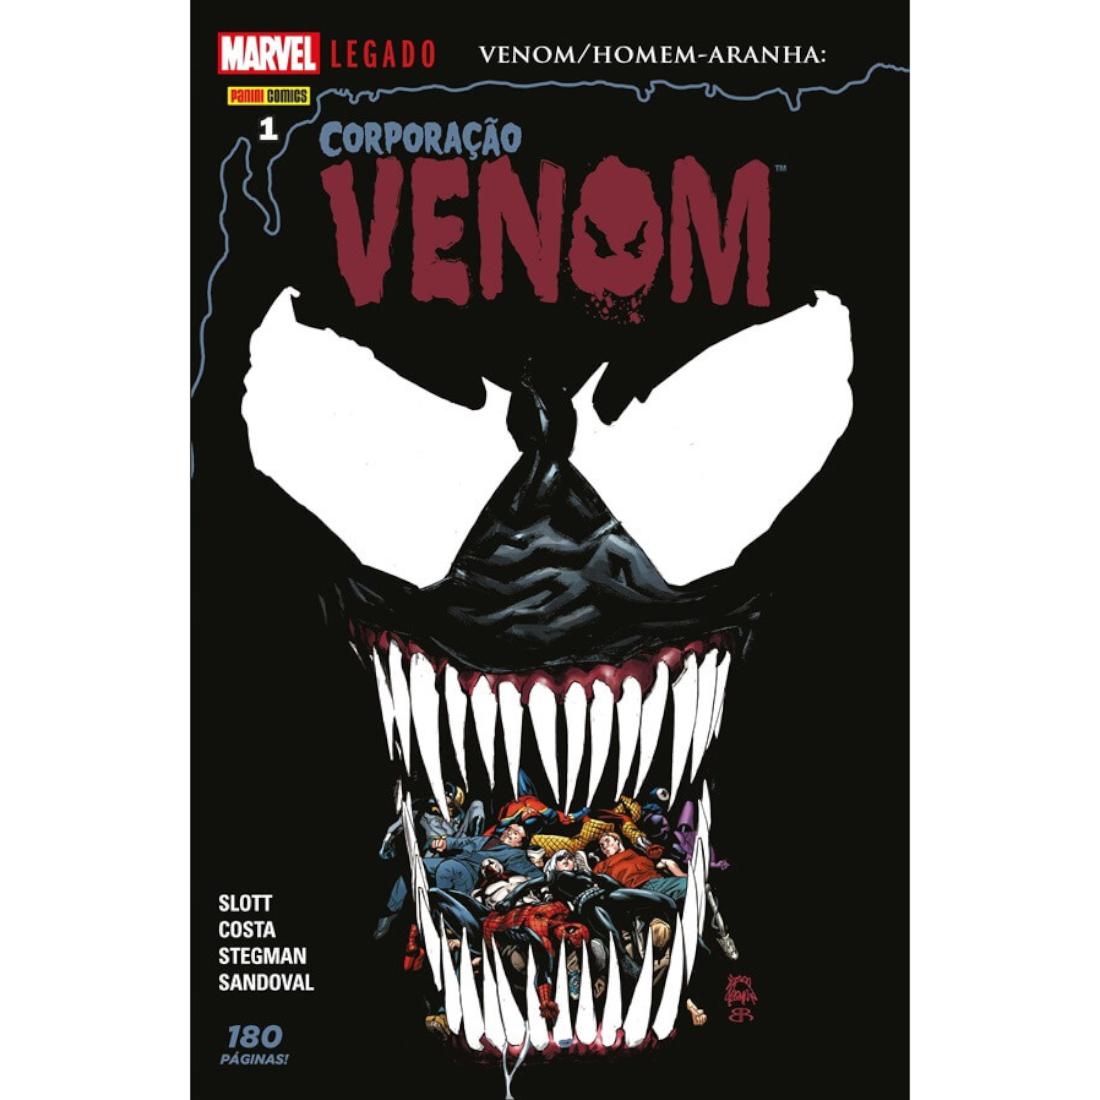 Venom/Homem-Aranha: Corporação Venom